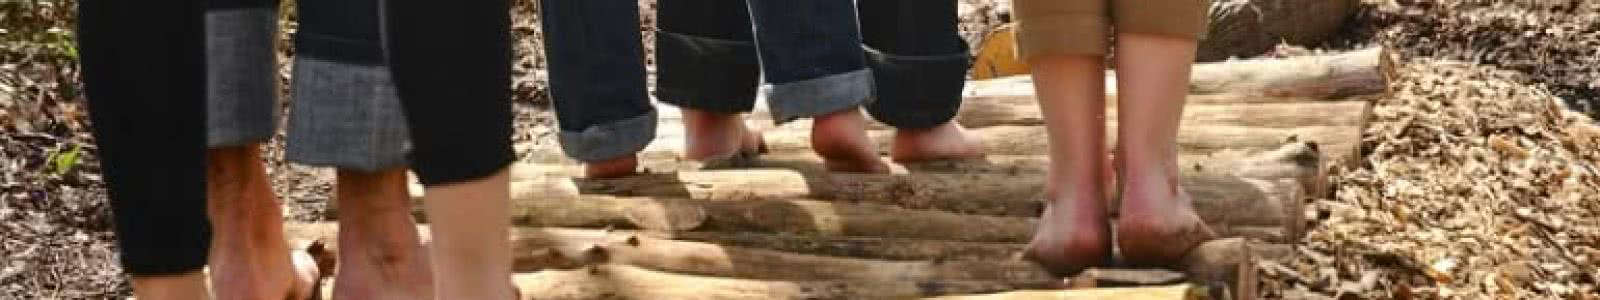 Le sentier pieds nus de Loisirs Loire Valley - Bien-être en Loir-et-Cher ©Loisirs Loire Valley